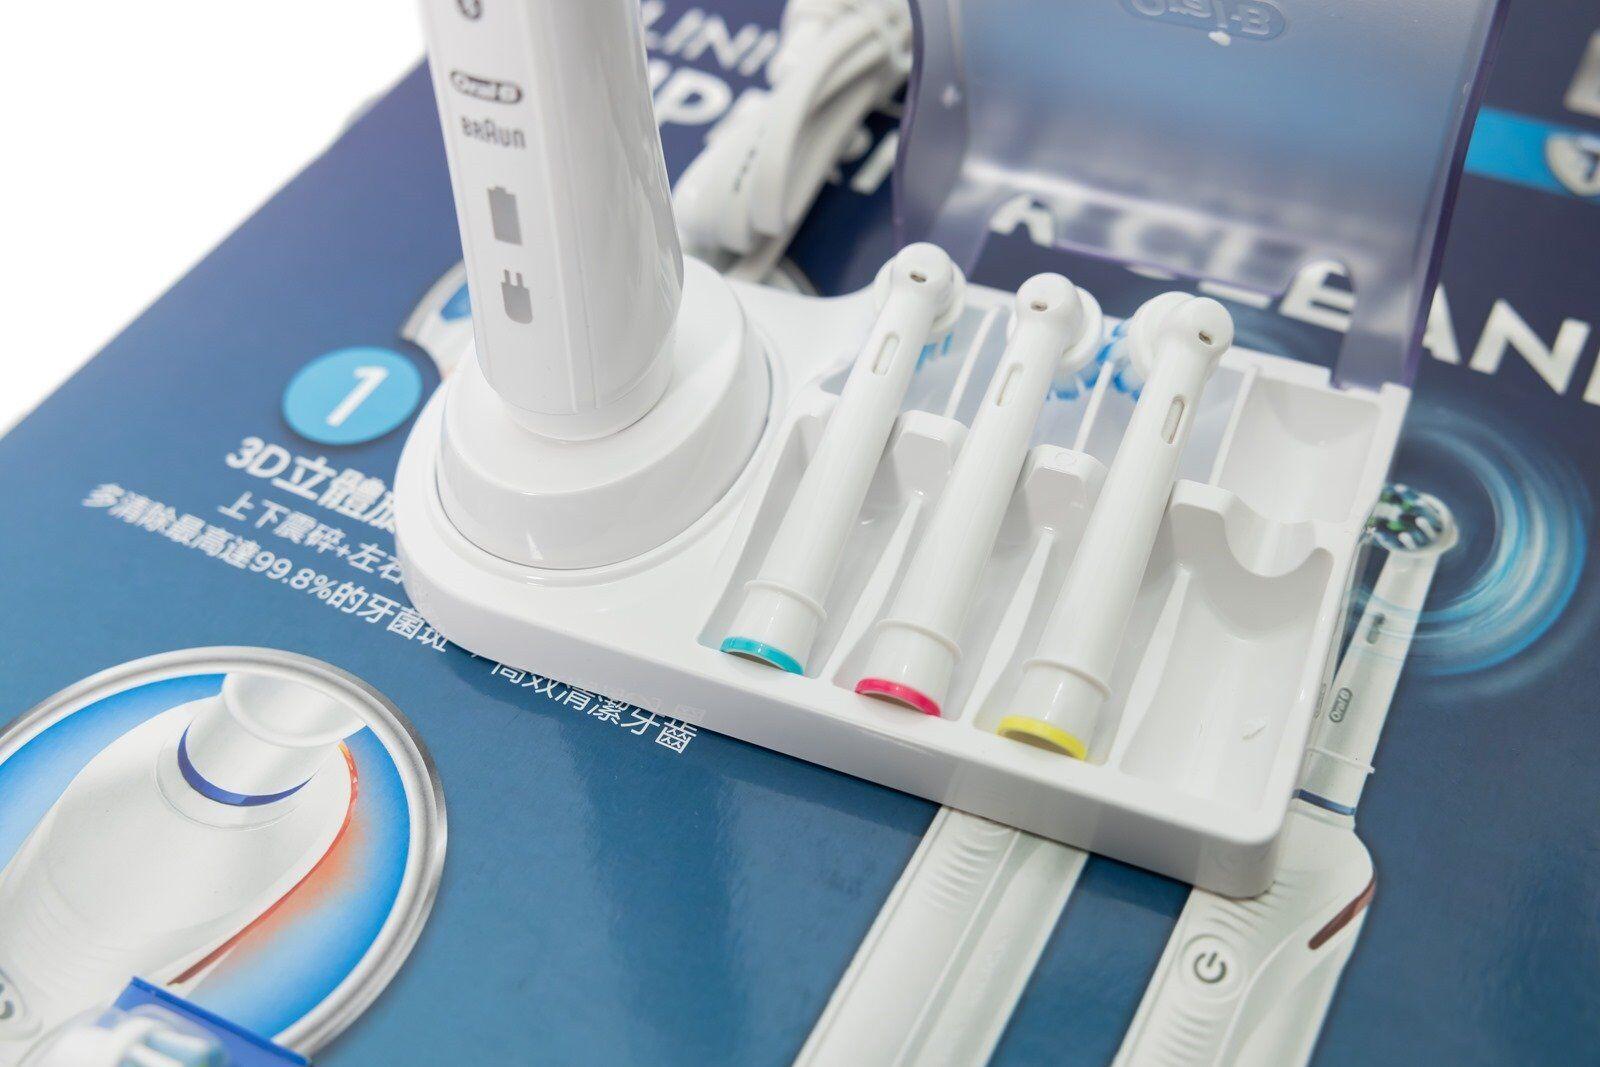 新手入門推薦款!Costco 好市多歐樂B (Oral-B) 電動牙刷雙握柄組,智慧守護全家人的口腔健康 @3C 達人廖阿輝